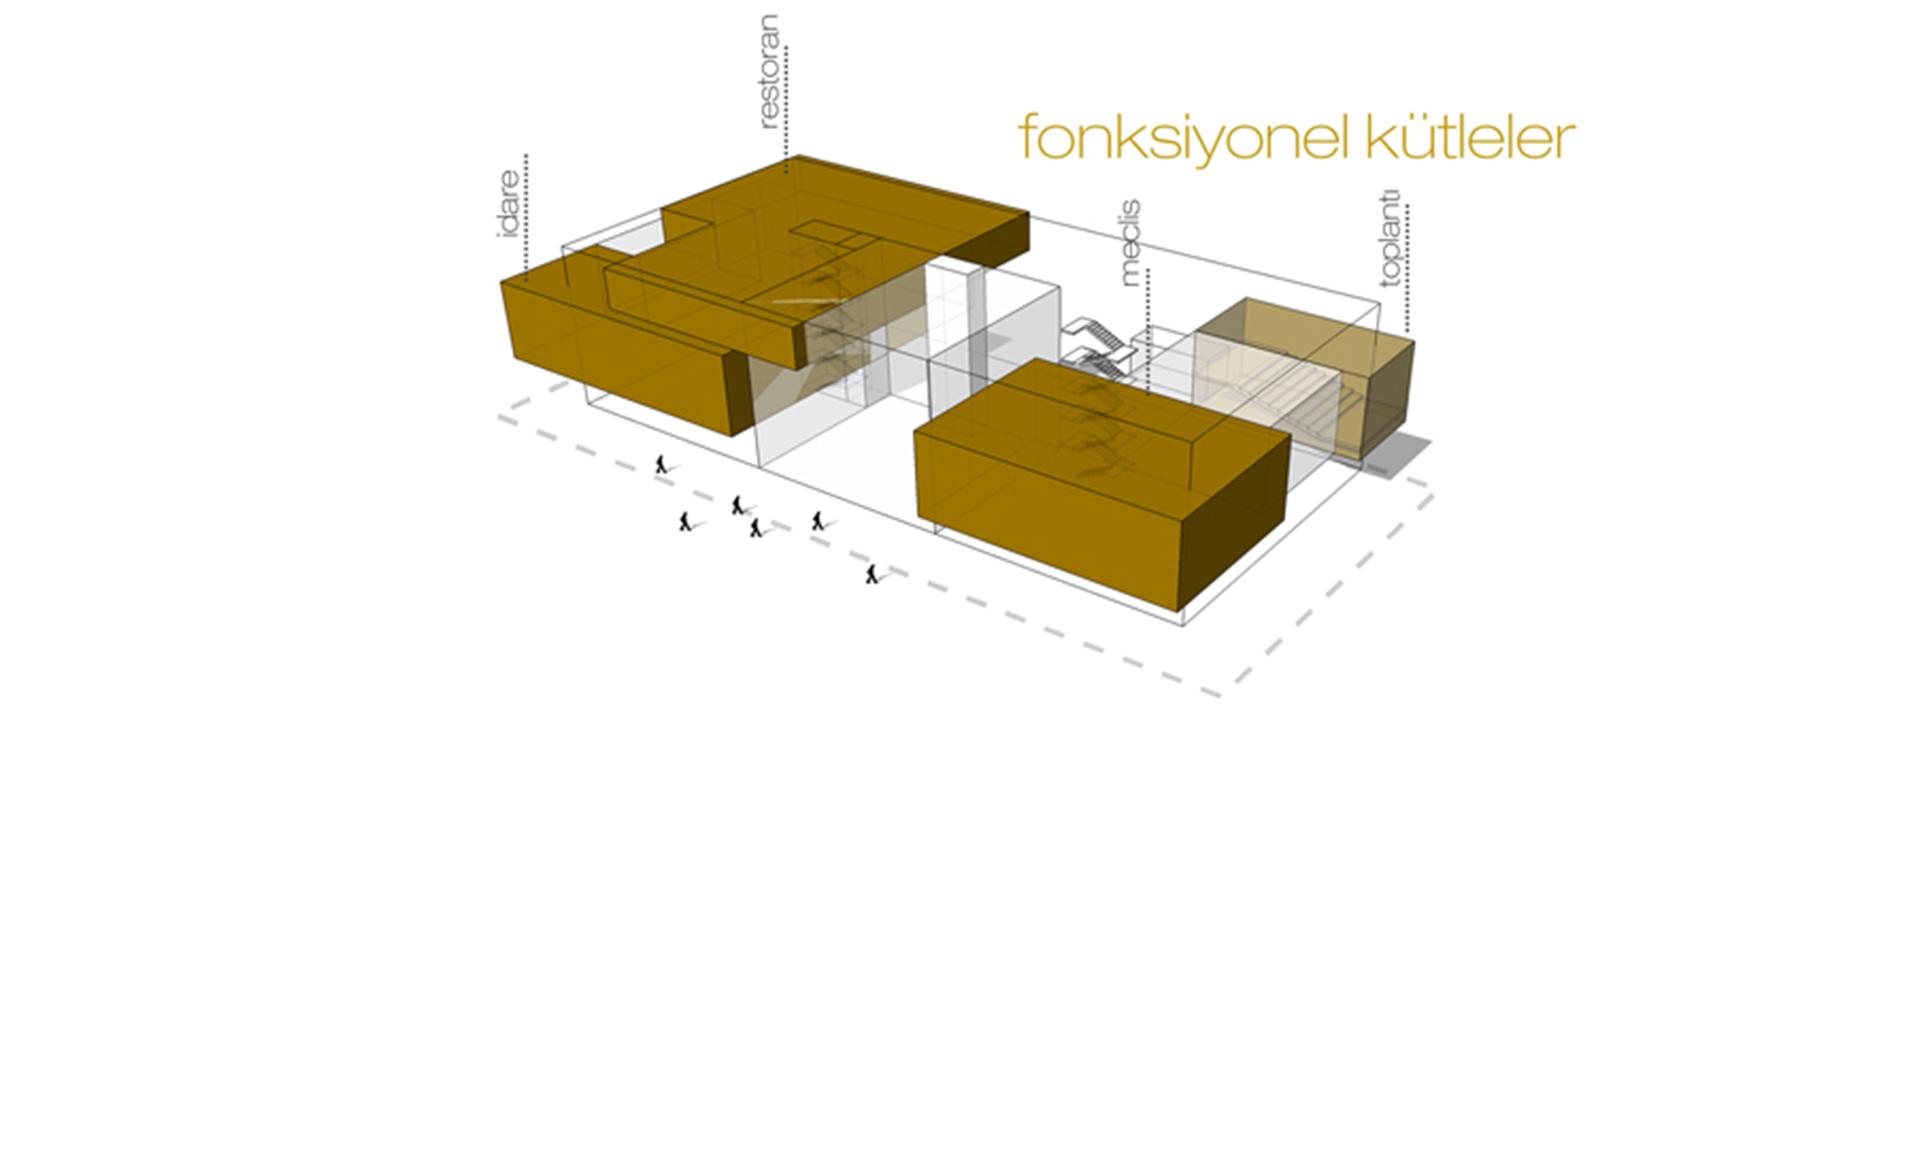 dodofis mimarlık ofis yapısı 5